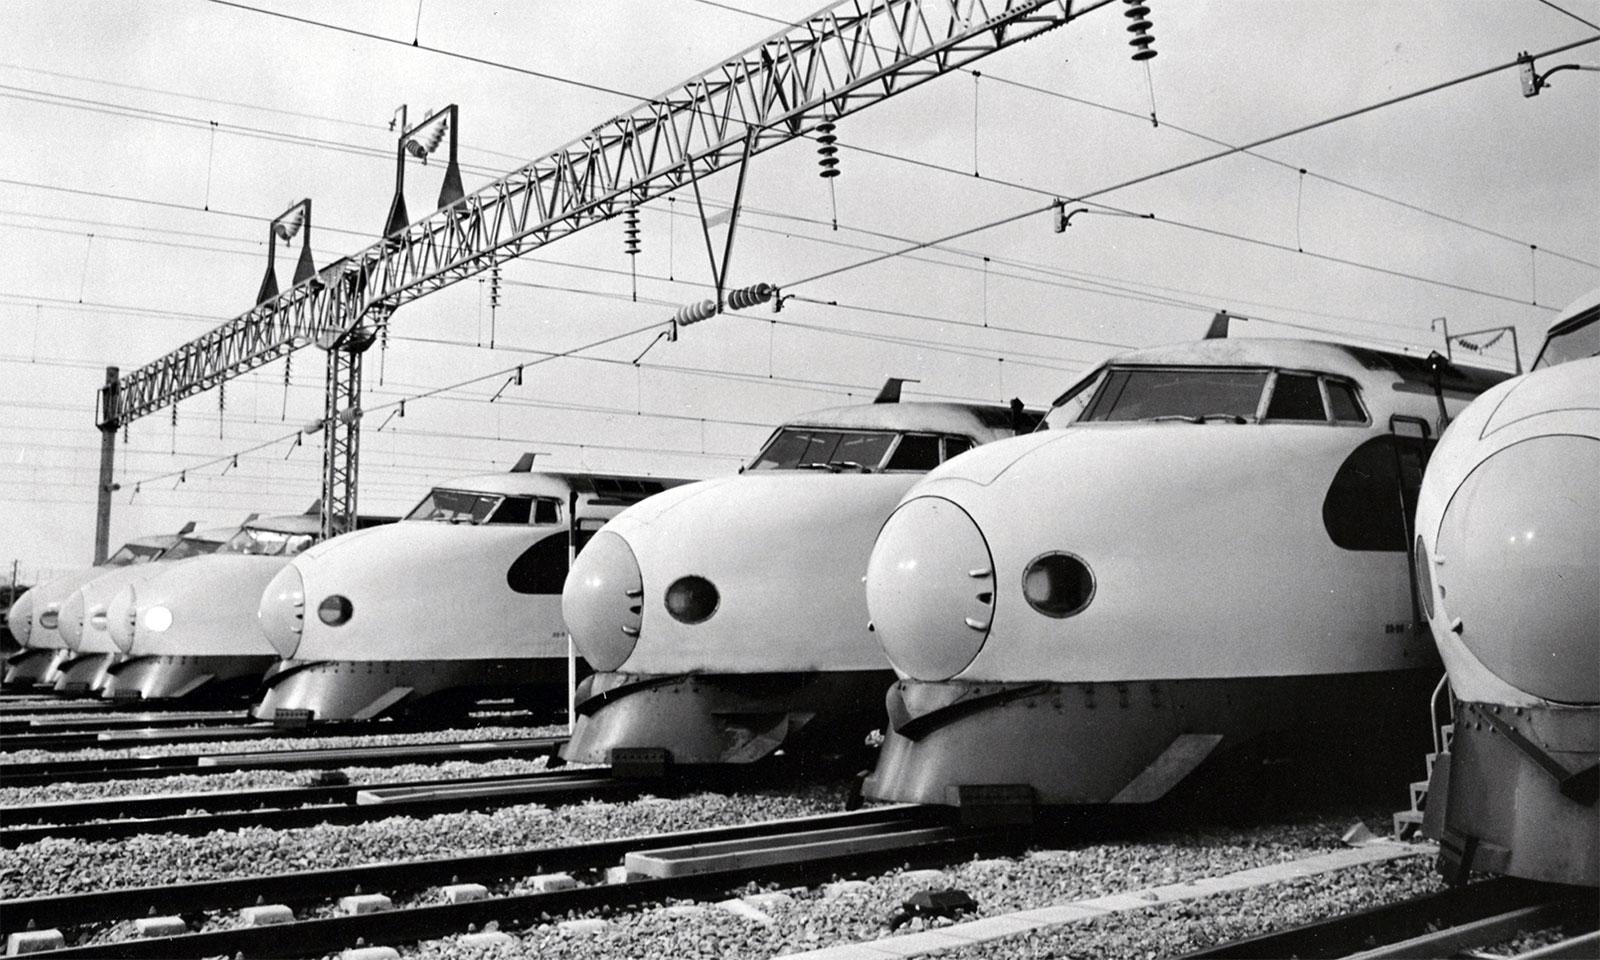 50 Years Of The Shinkansen